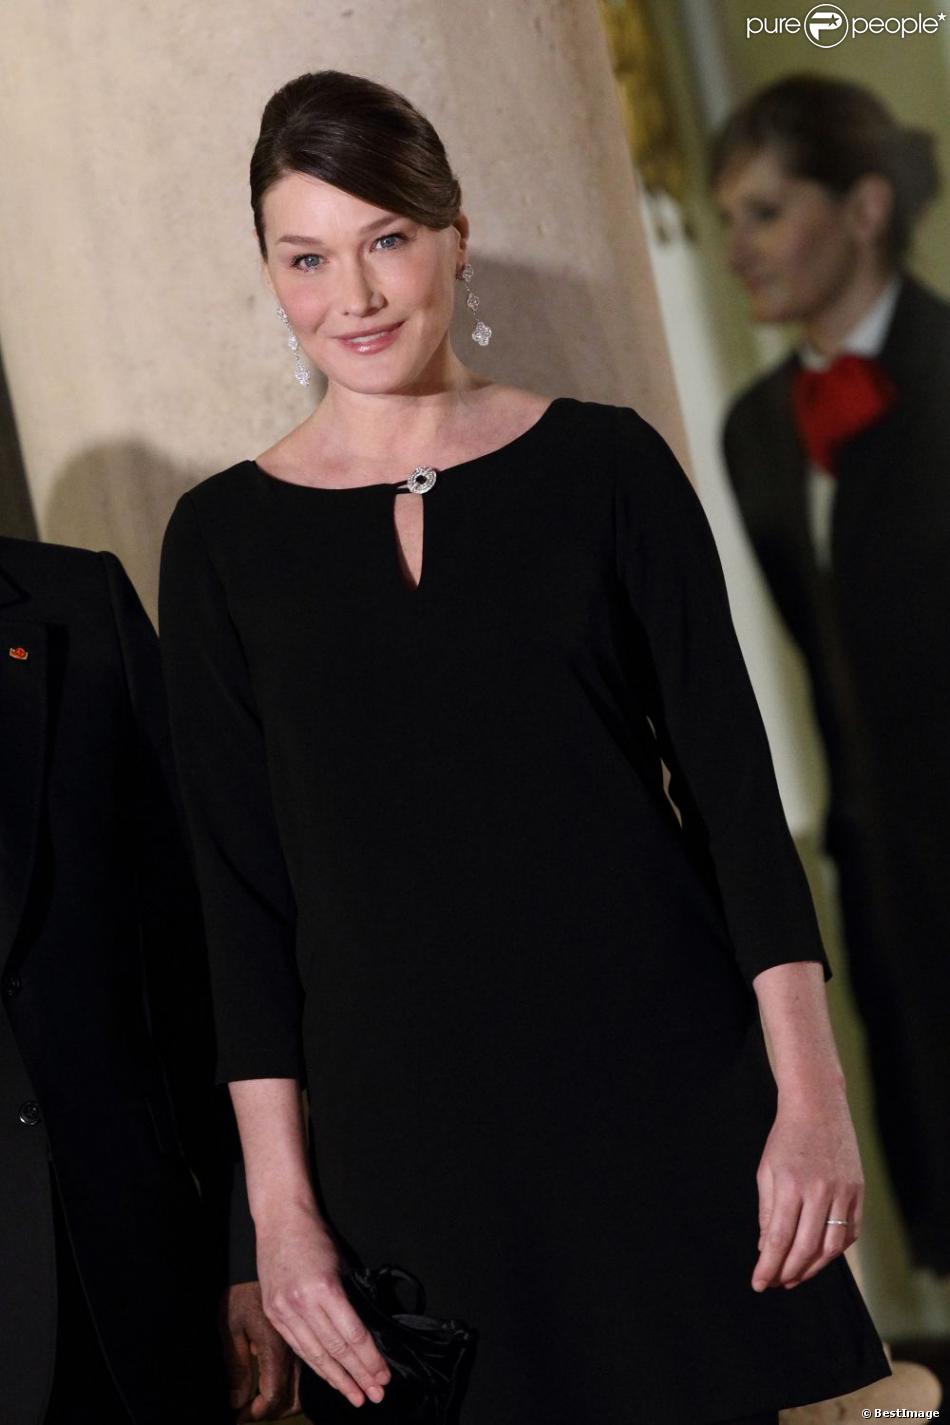 Après son accouchement le 19 octobre 2011, Carla Bruni a conjugué son rôle de mère et celui de Première dame. Le 26 janvier 2012 elle recevait les invités d'un dîner d'État au Palais de l'Élysée.